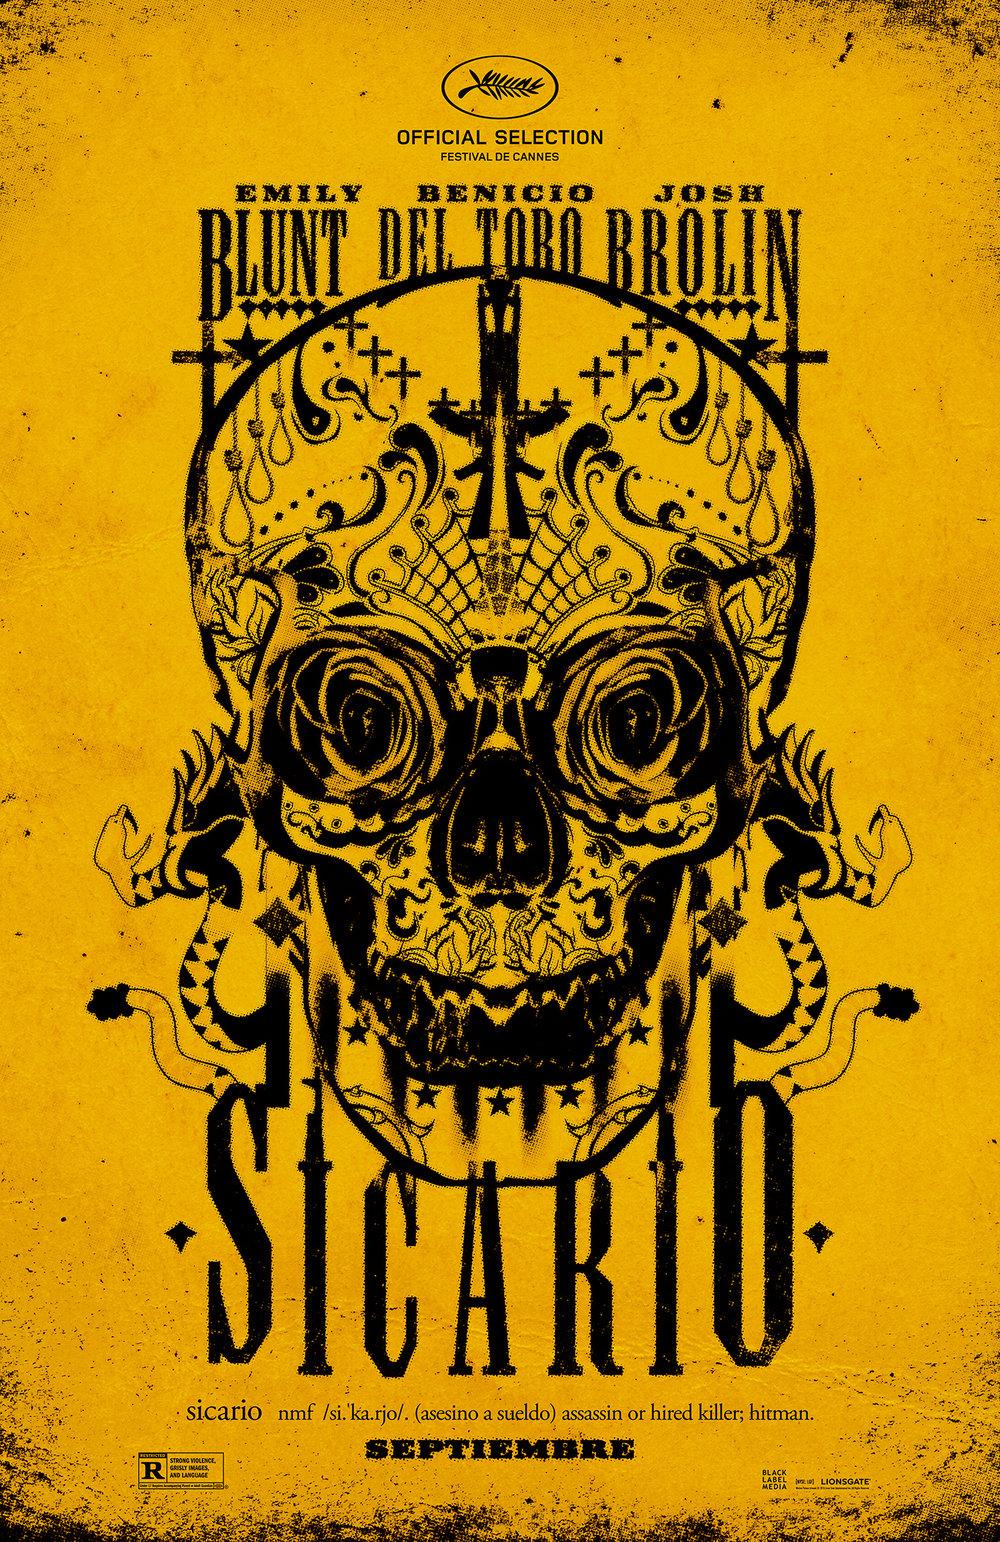 Sicario_Skull_1Sht_Tsr_VF_100dpi.jpg